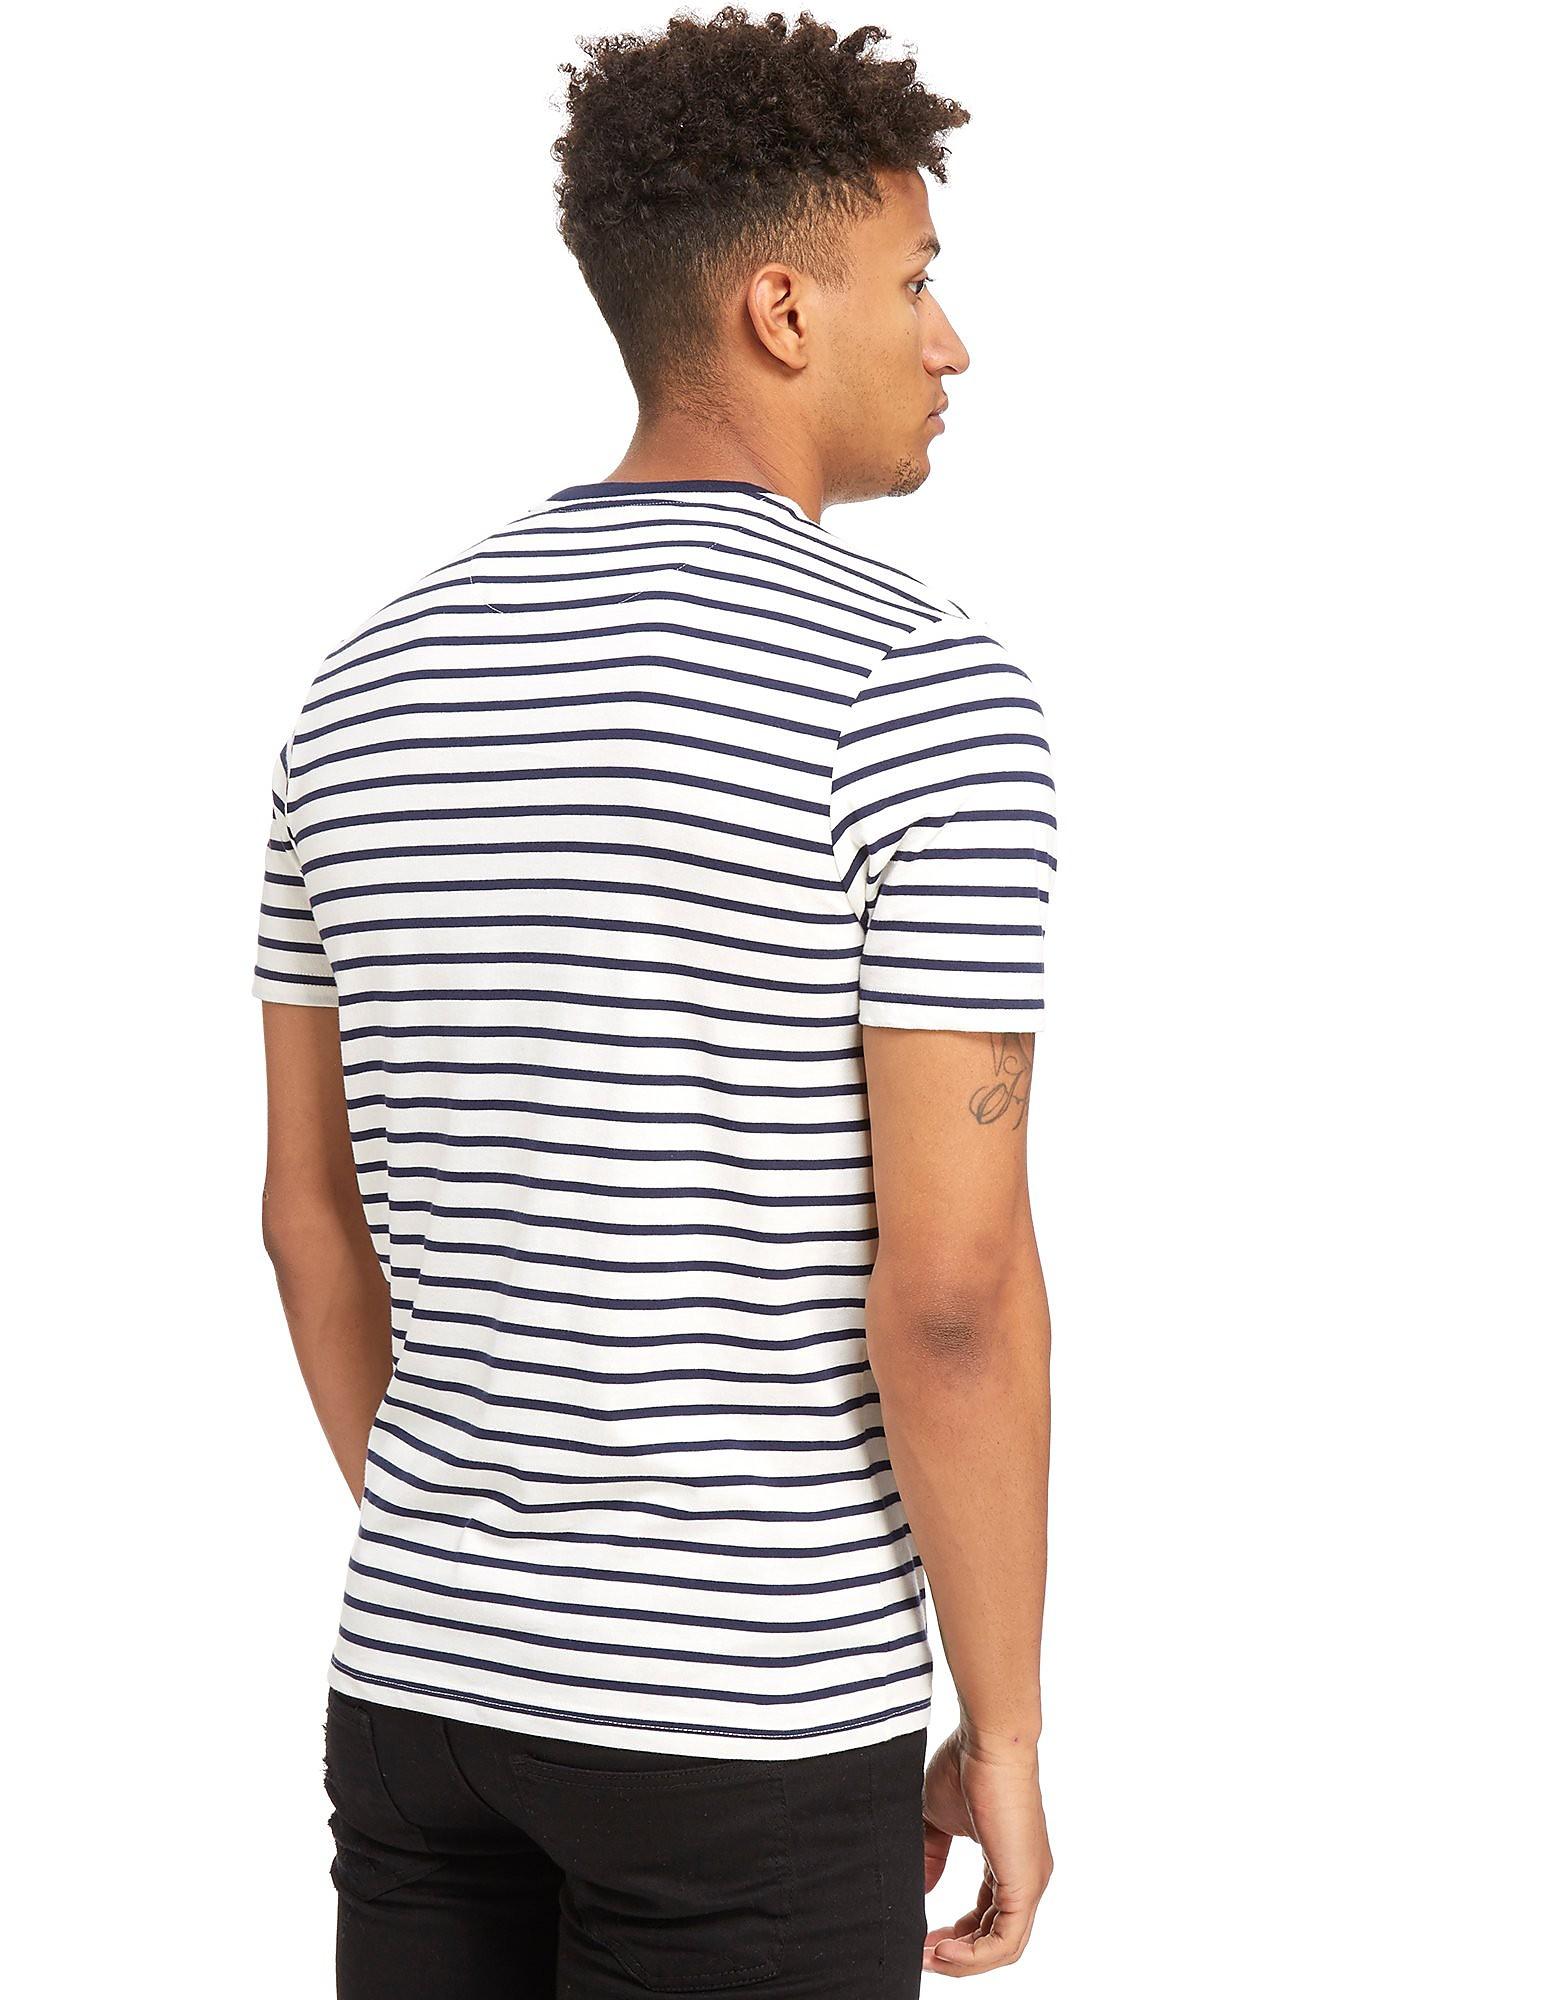 Lyle & Scott Breton Stripe Short Sleeve T-Shirt Heren